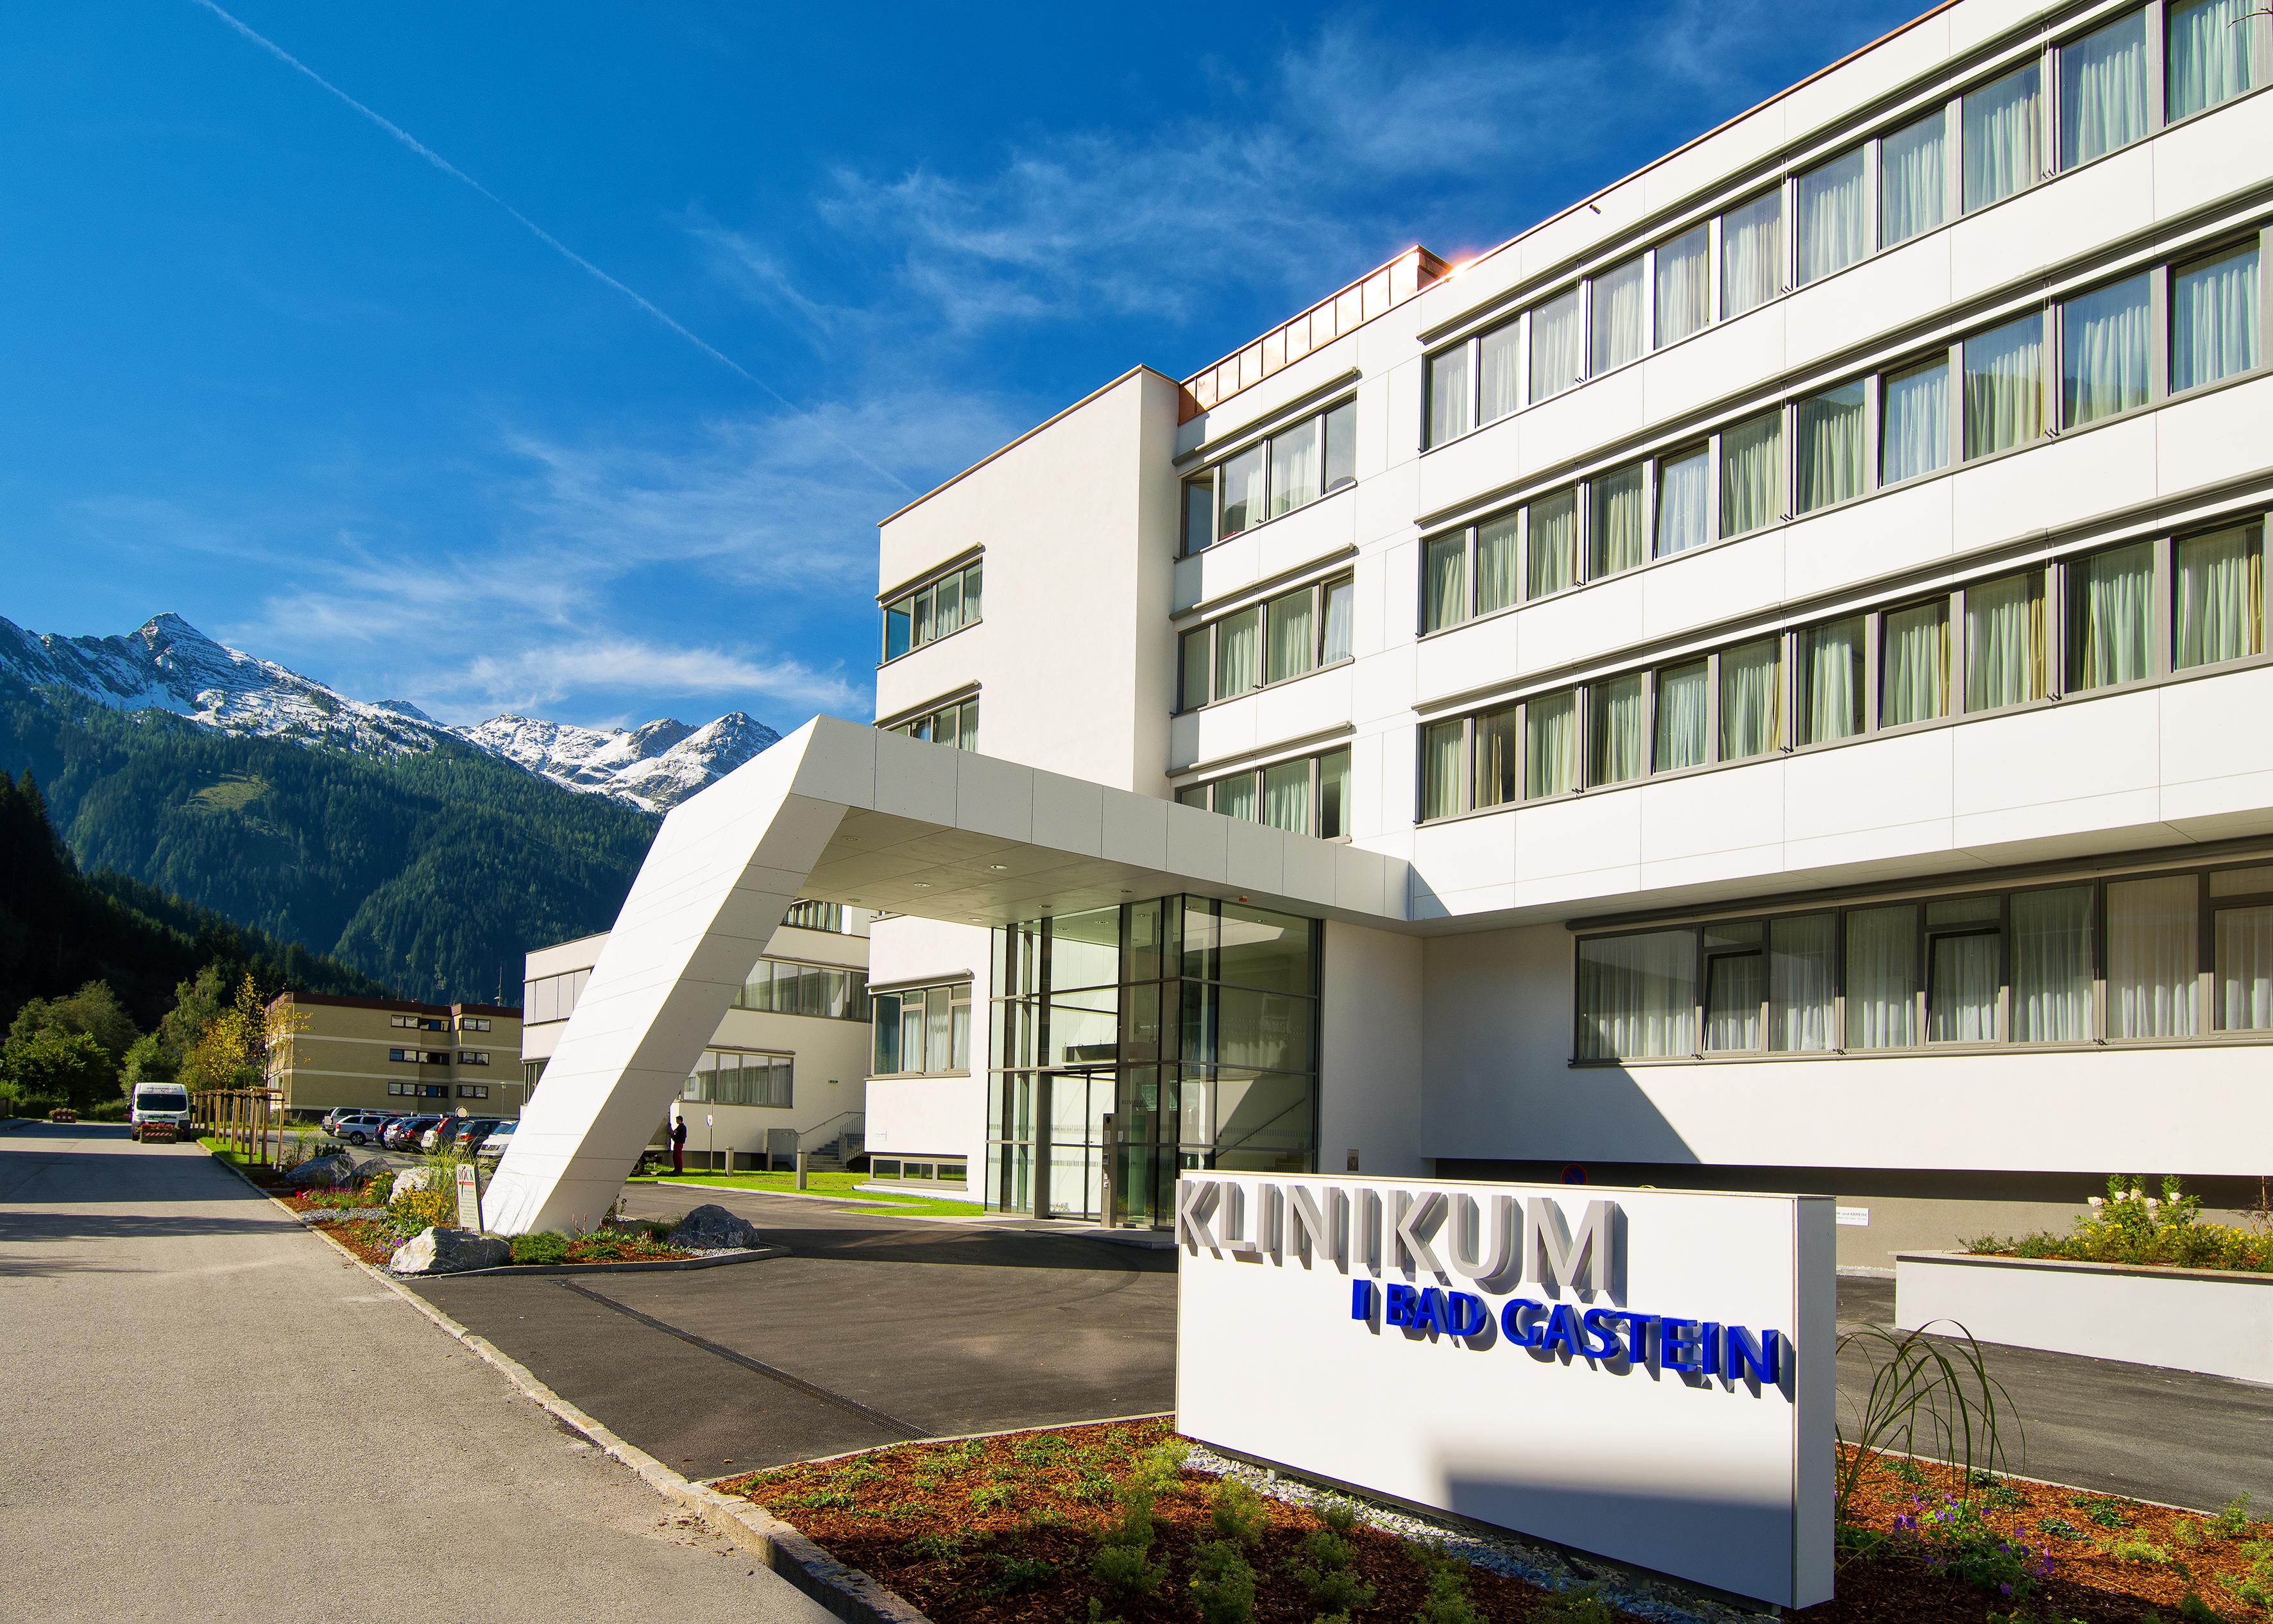 Klinikum Bad Gastein Foto